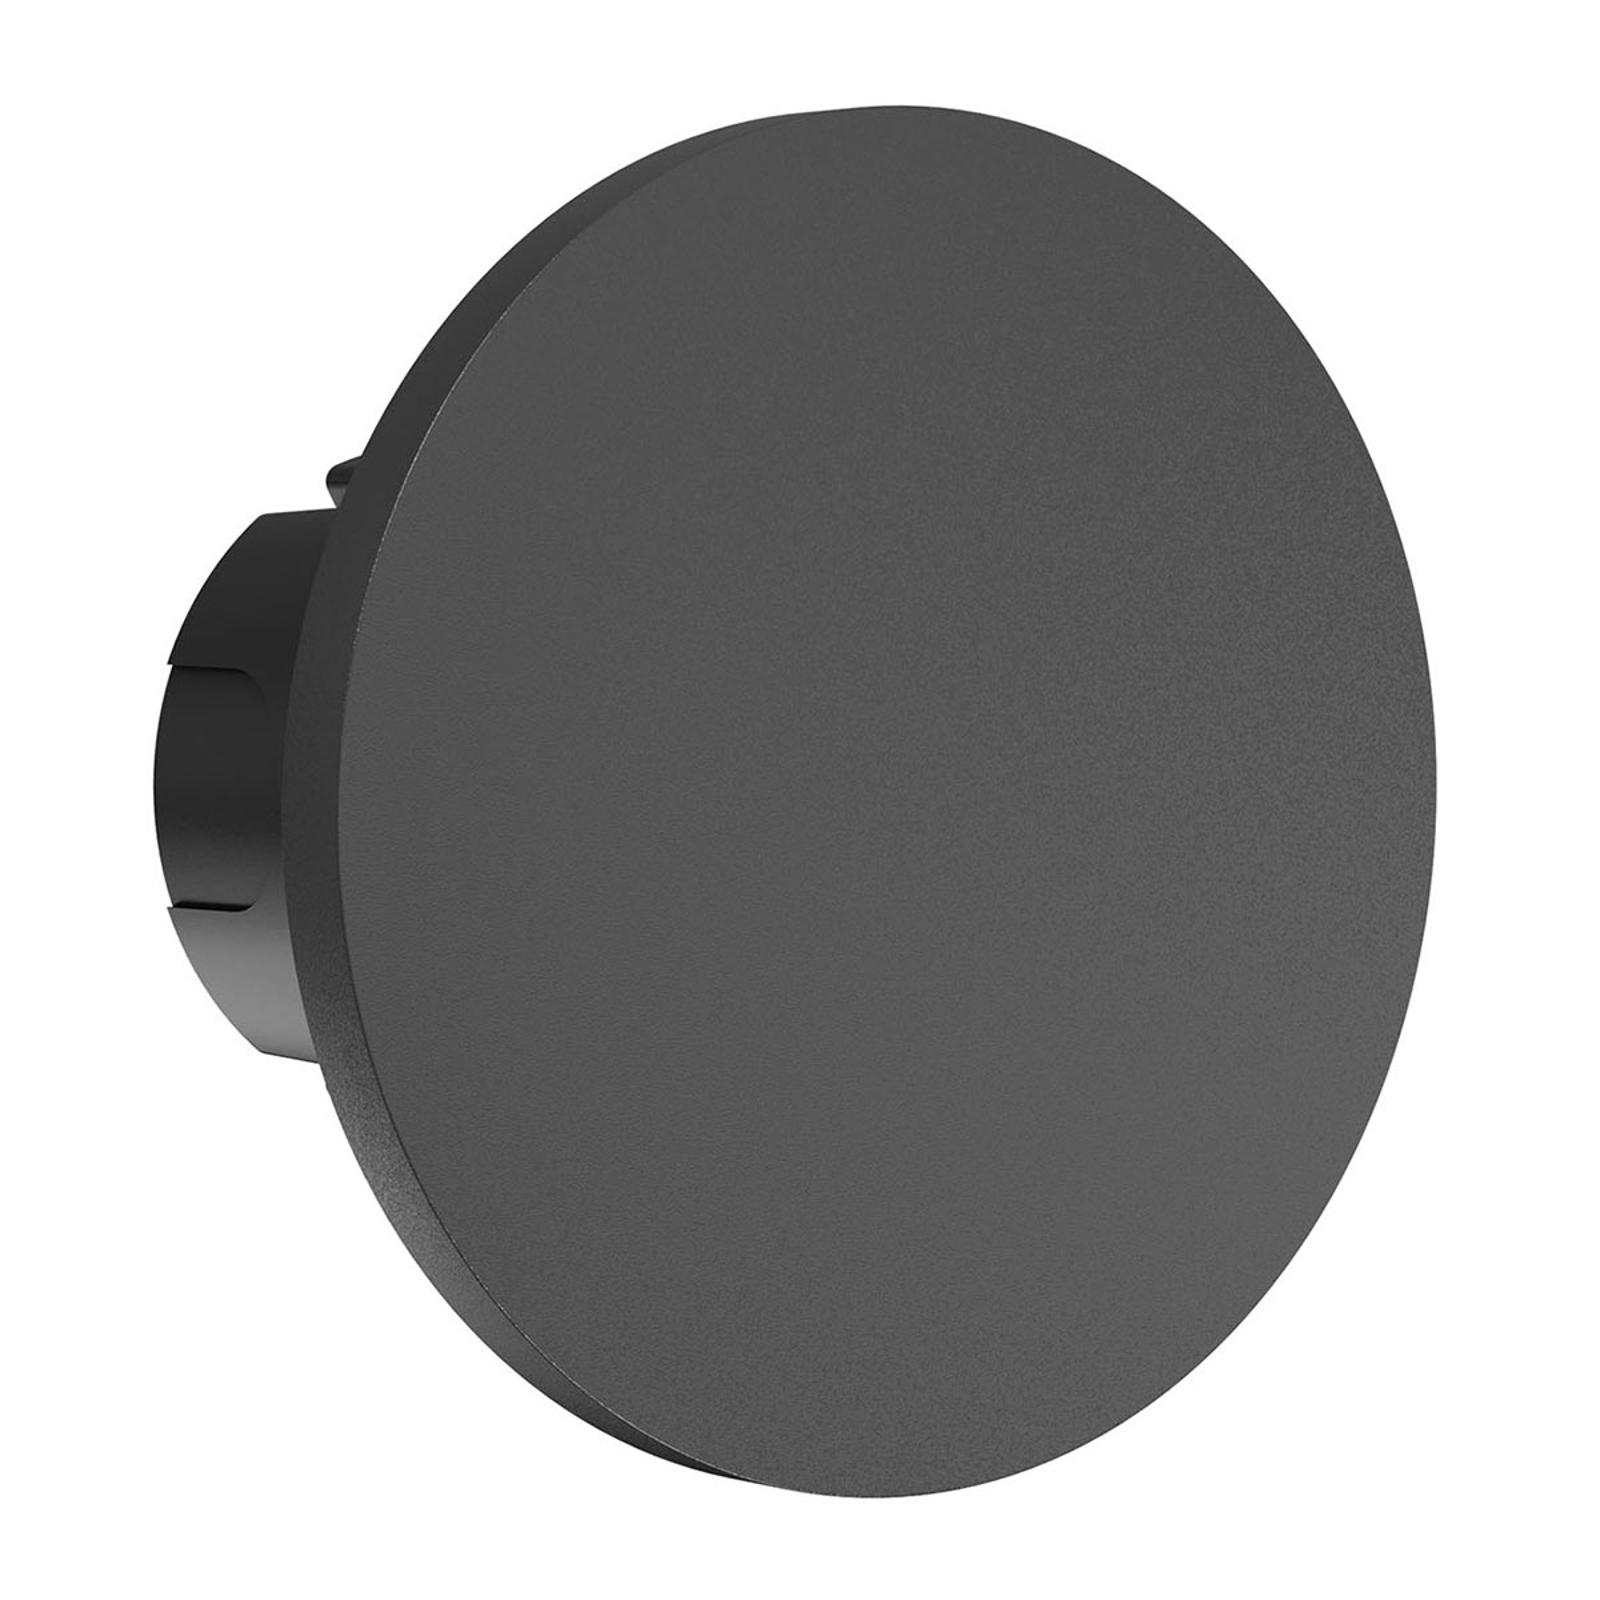 Oprawa wpuszczana ścienna LED Camouflage 140 IP65